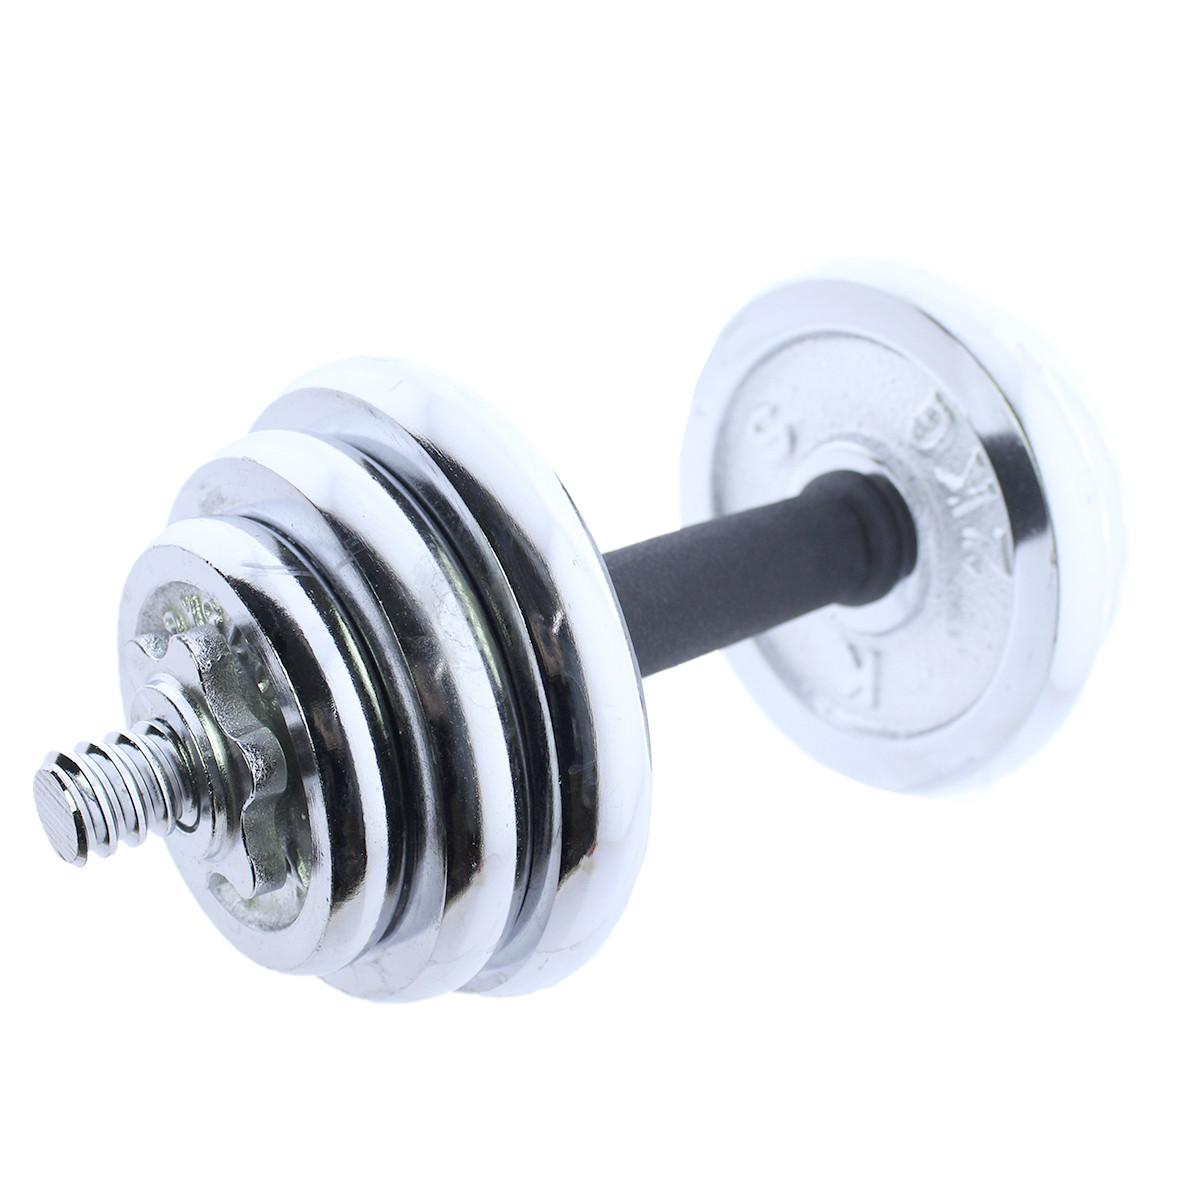 Set-de-mancuernas-ajustables-cromadas-10kg-15kg-20kg-Riscko miniatura 17